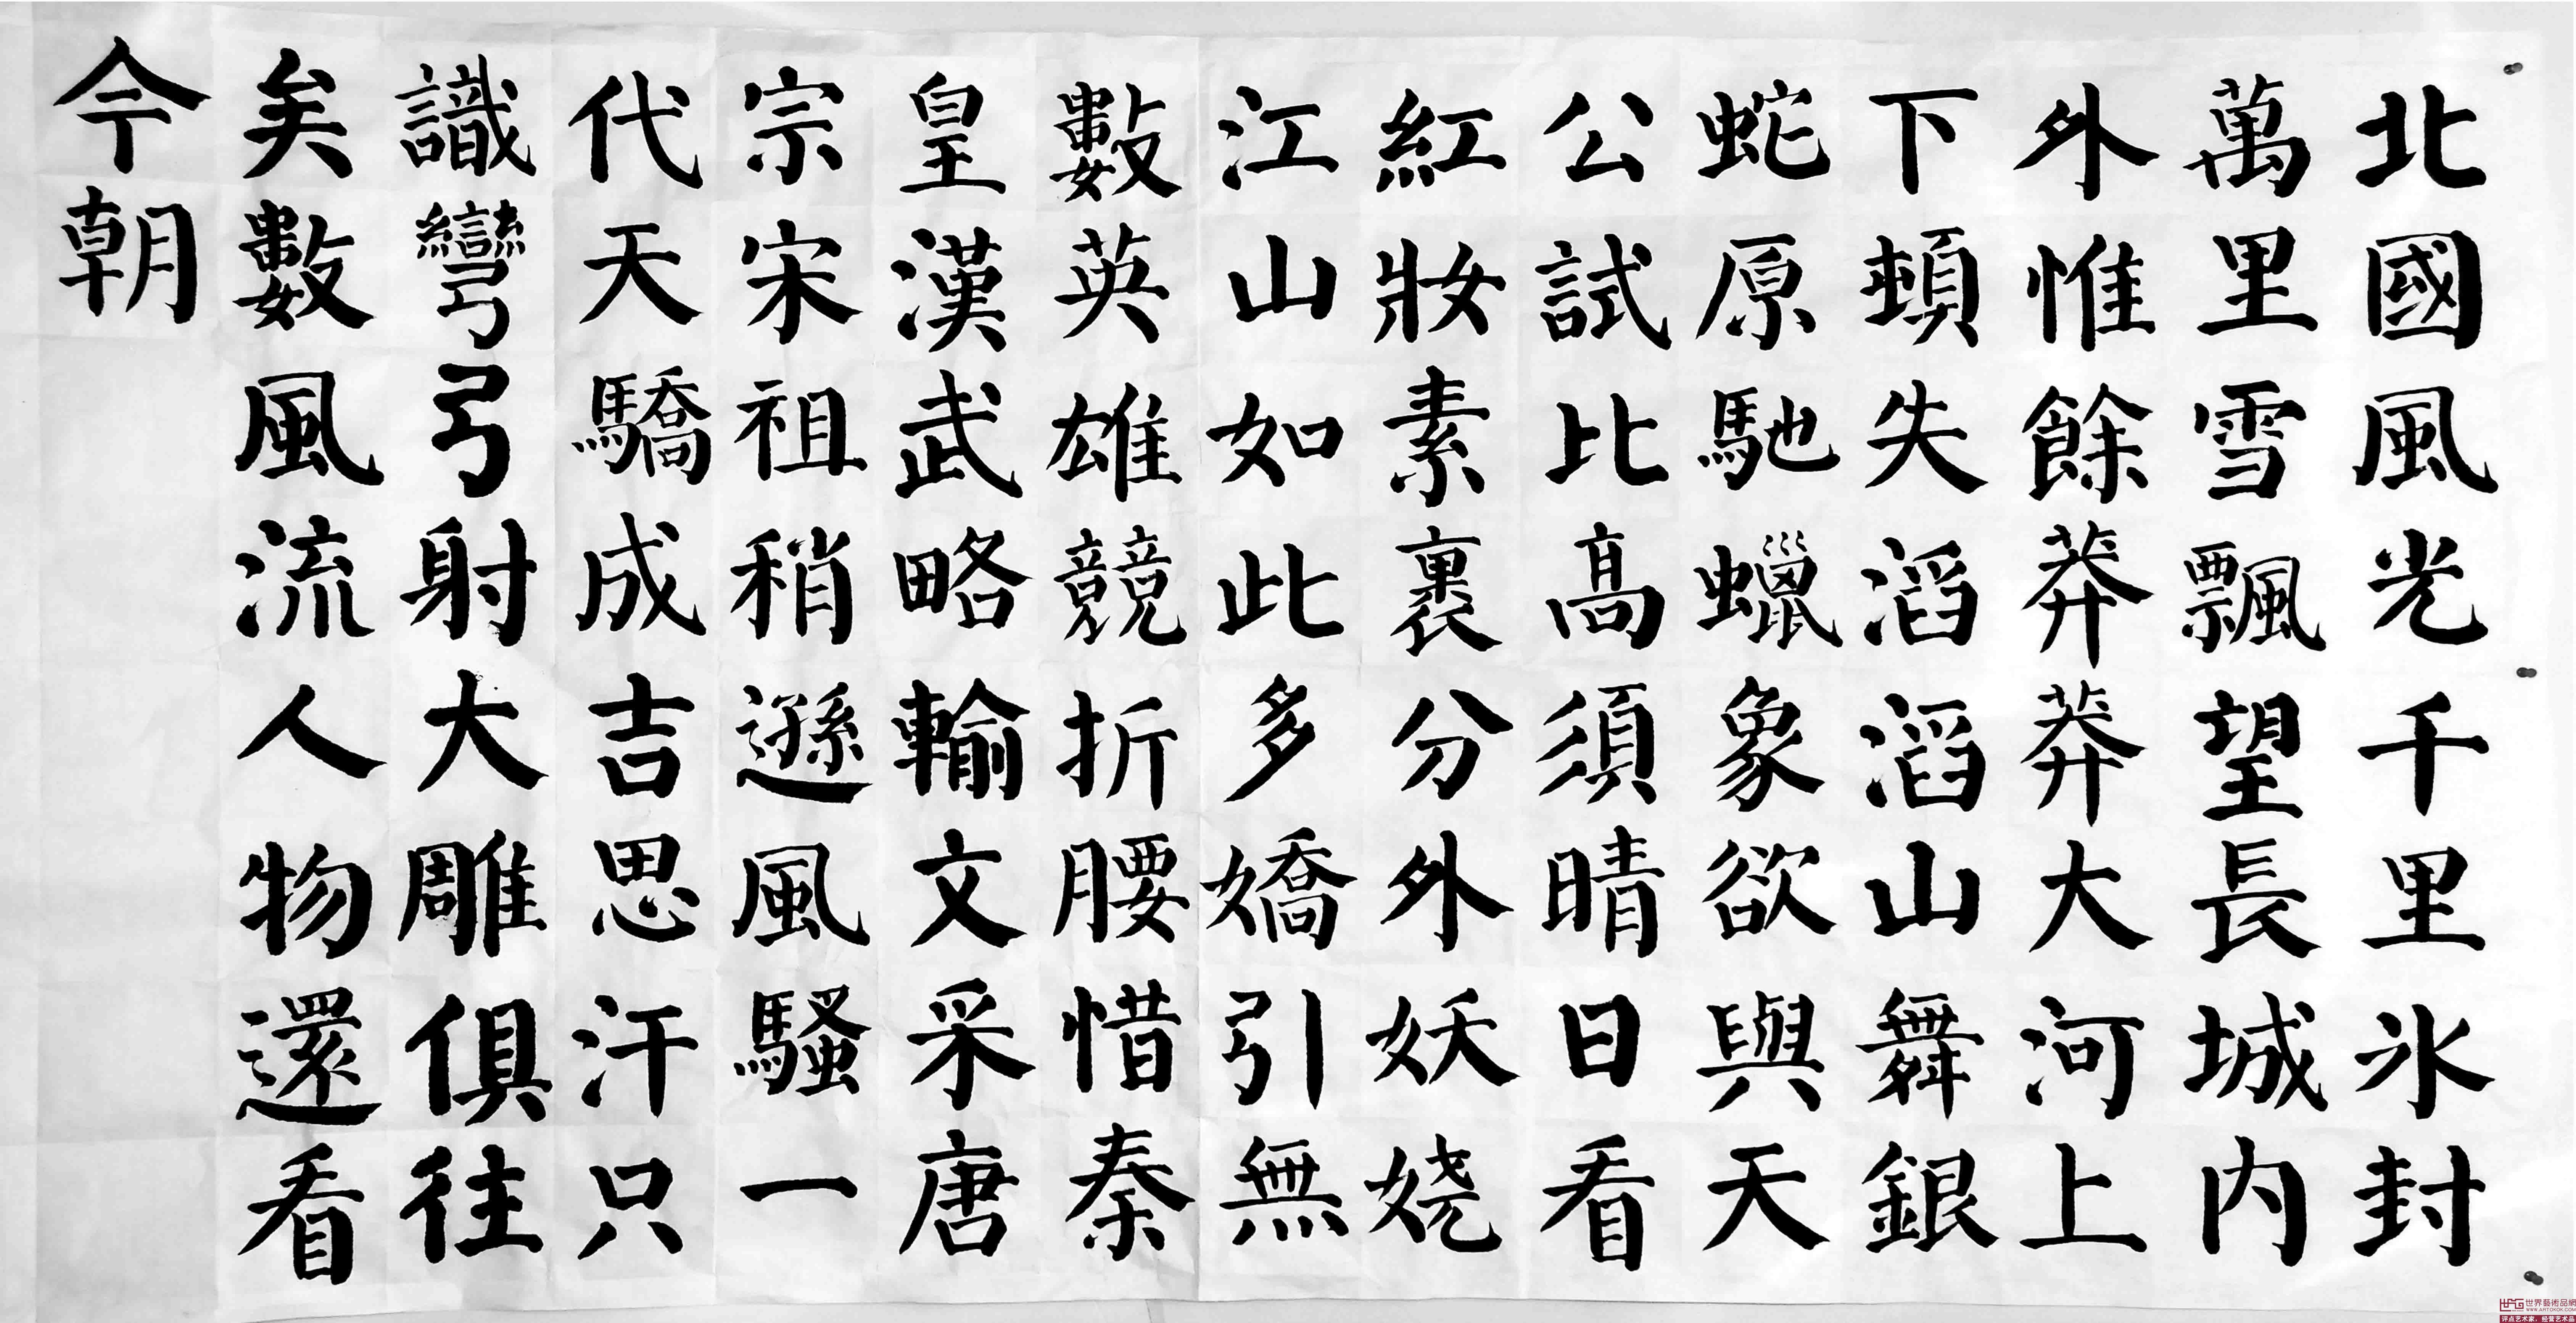 咸忠颜体大楷毛泽东诗词《沁园春雪》局部